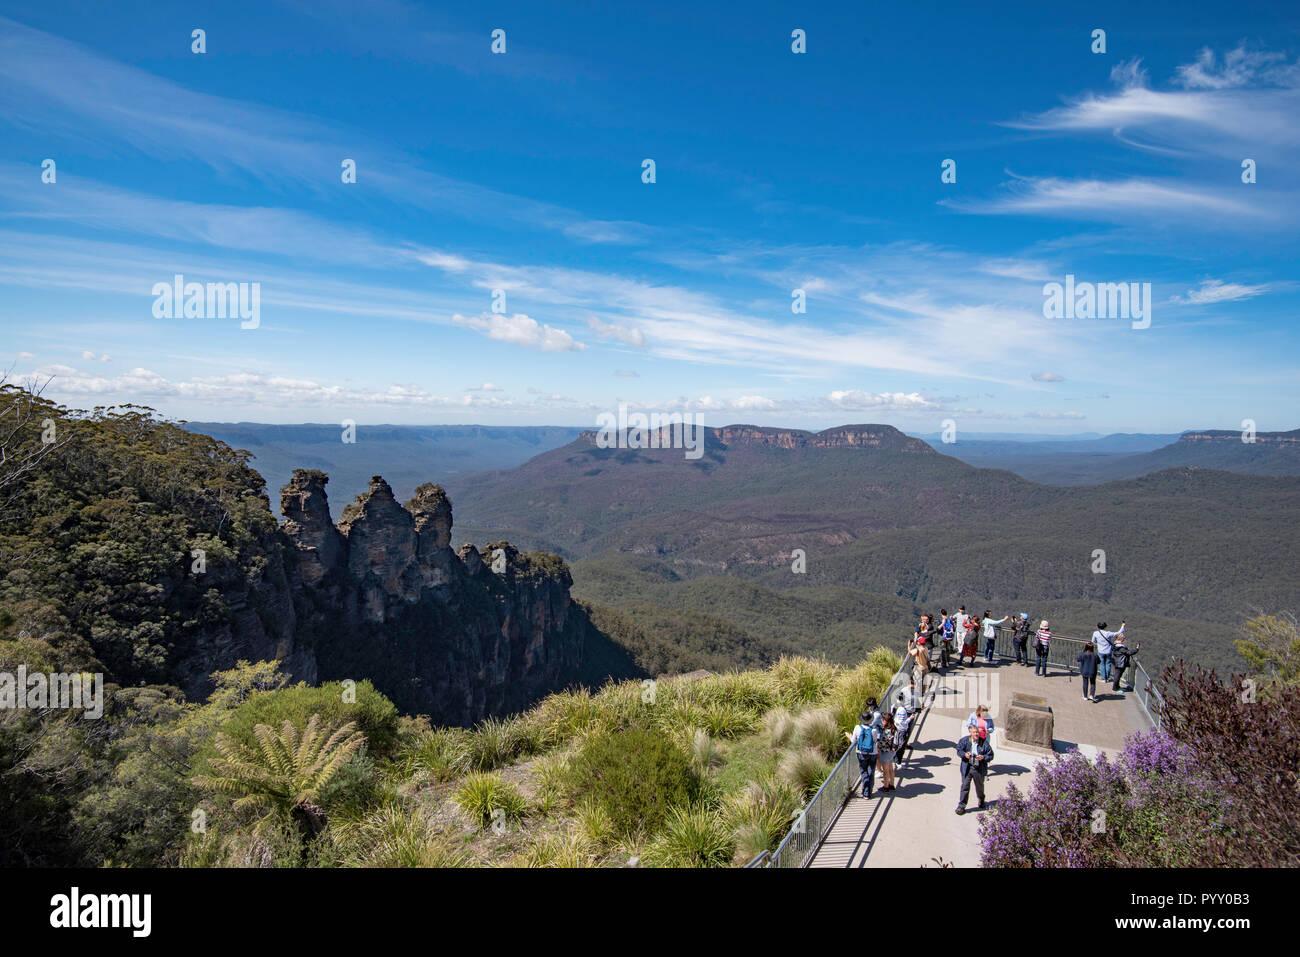 de1191307 Monte Solitario Imágenes De Stock & Monte Solitario Fotos De Stock ...